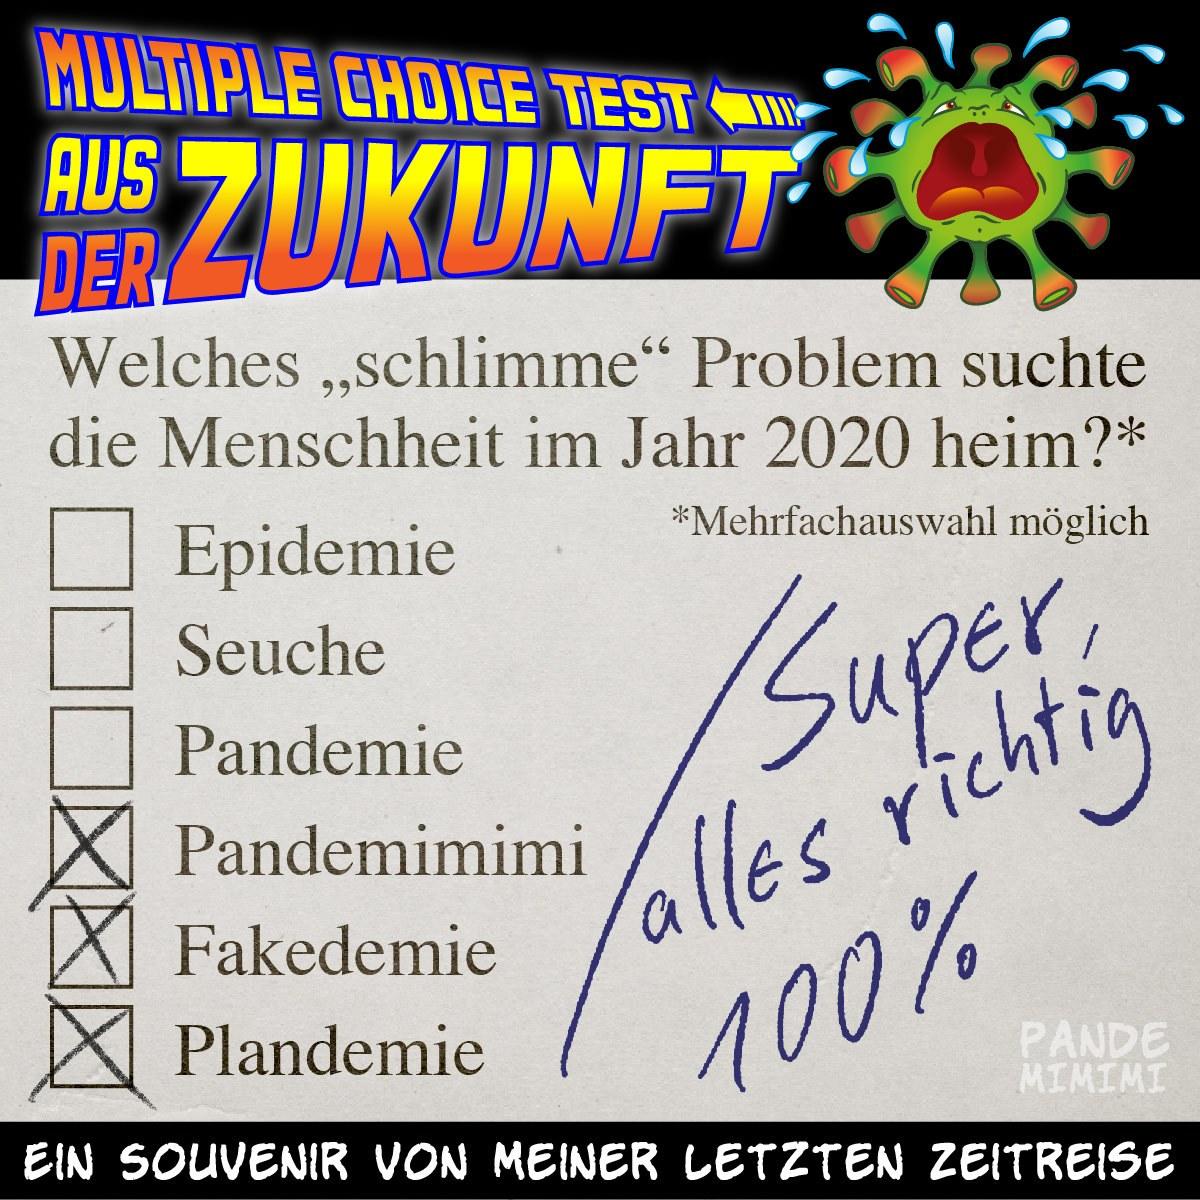 Multiple Choice Test aus der Zukunft, 20.08.2020